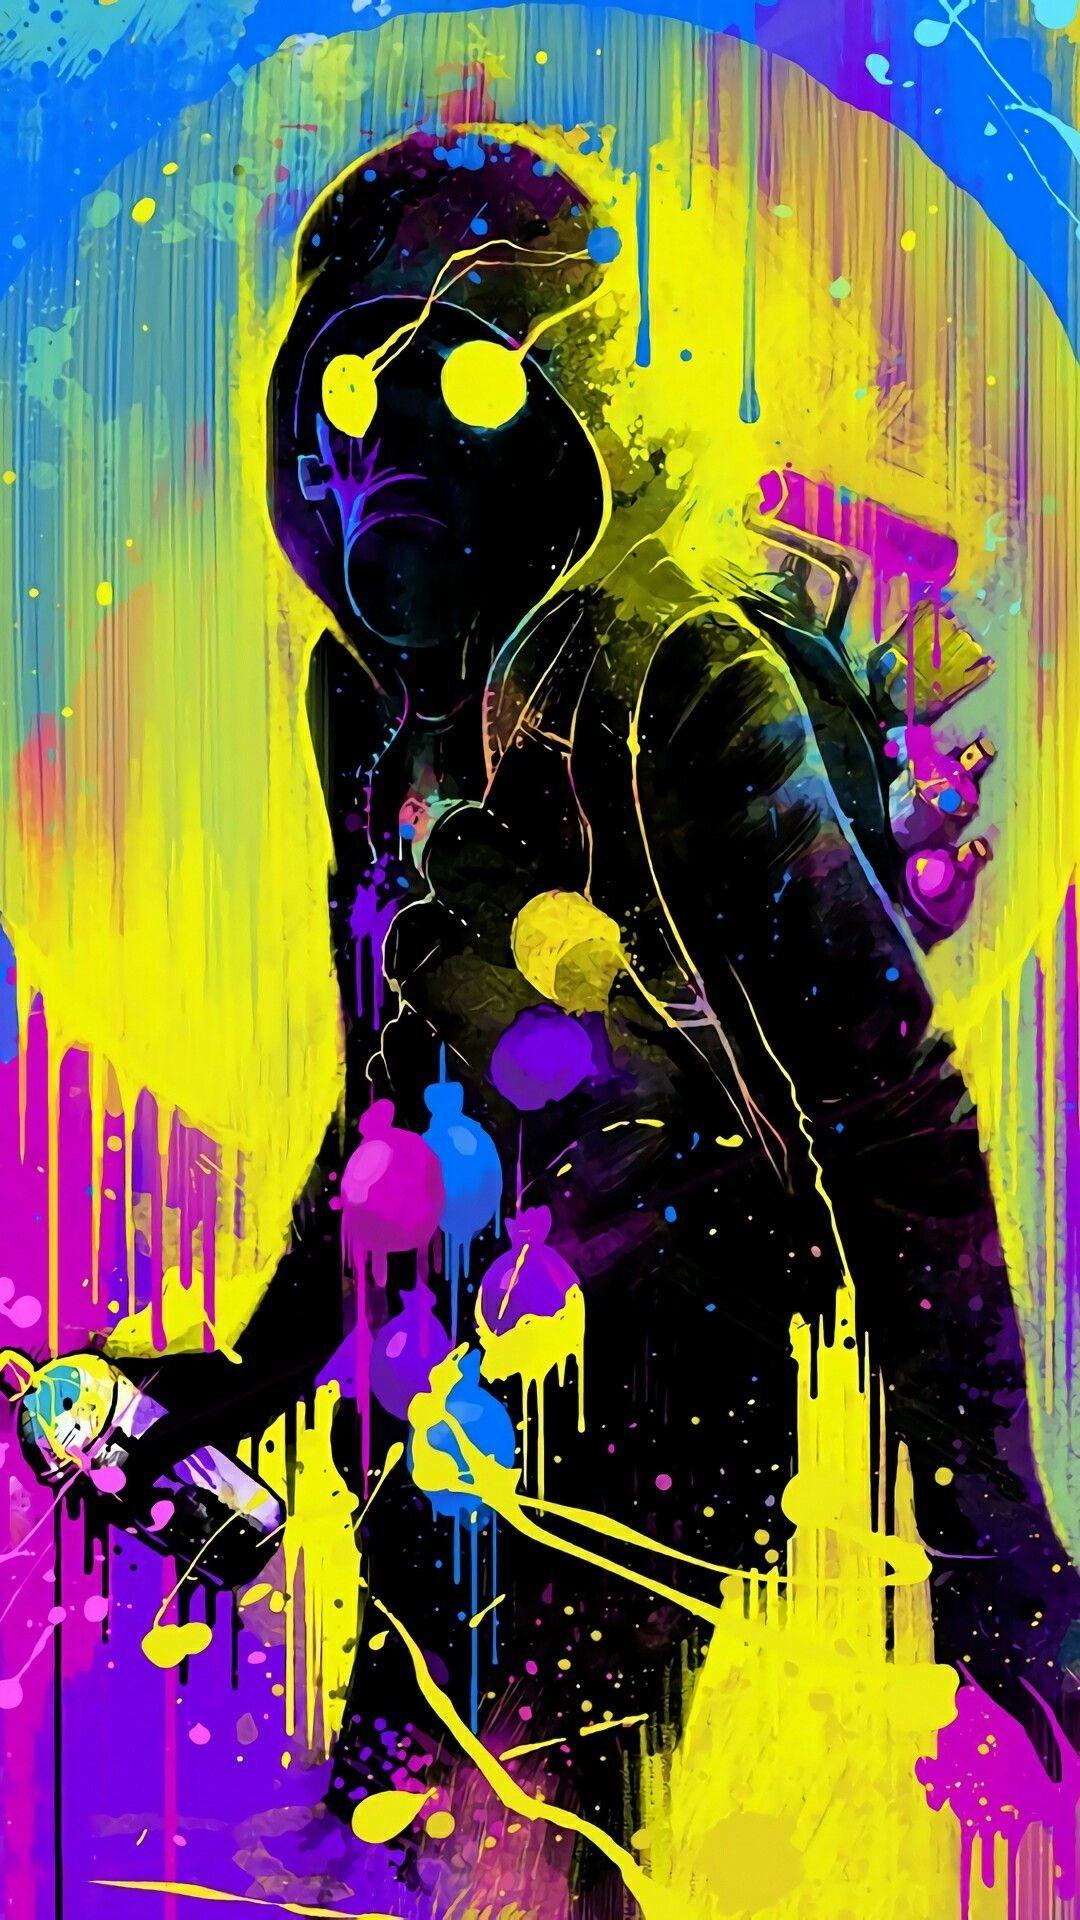 60+ Cool Graffiti Wallpapers on WallpaperPlay Graffiti